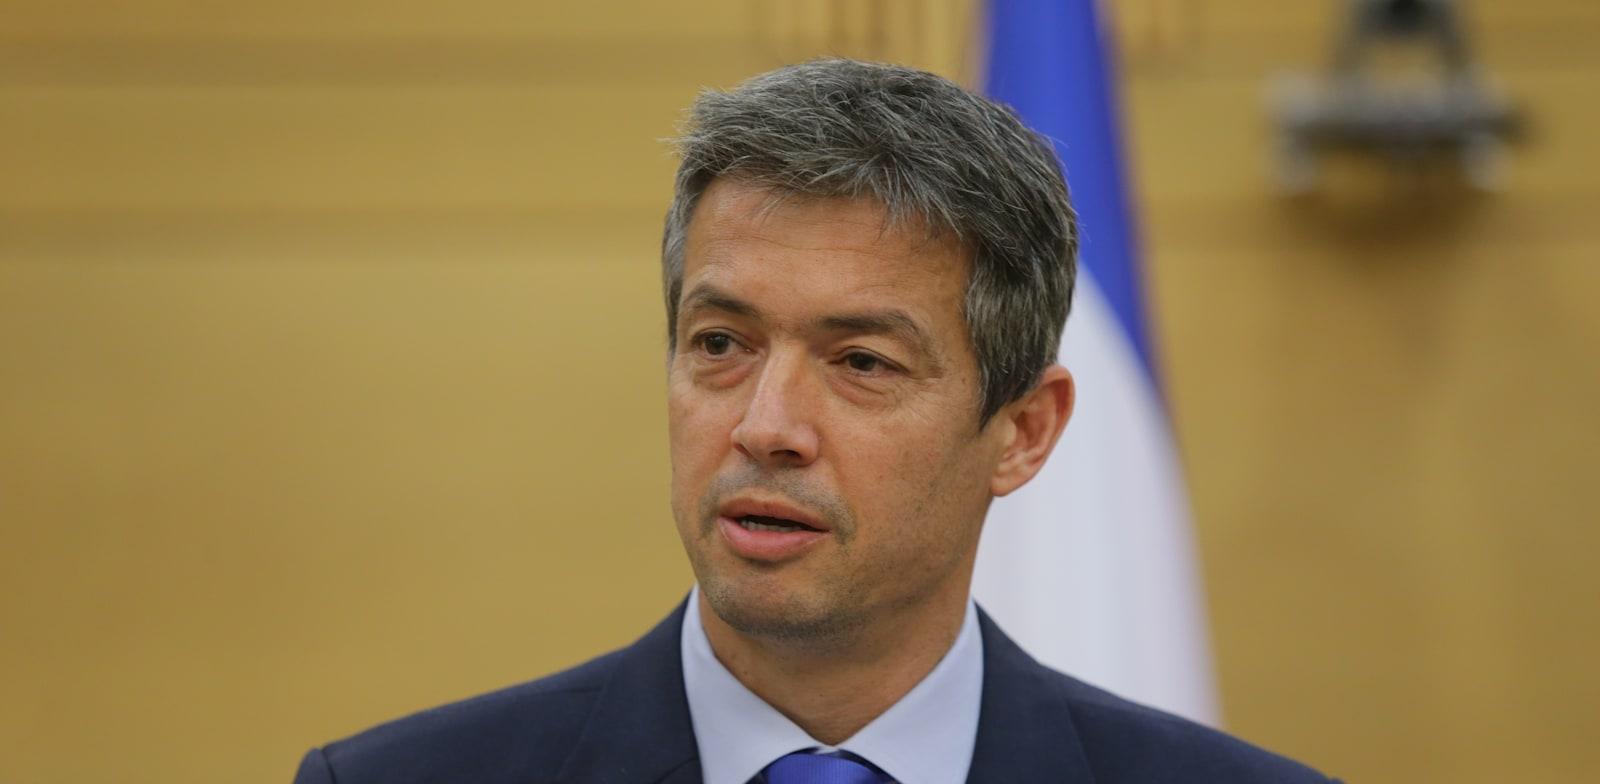 """שר התקשורת יועז הנדל. פותח במאבק / צילום: אלכס קולומויסקי, """"ידיעות אחרונות"""""""